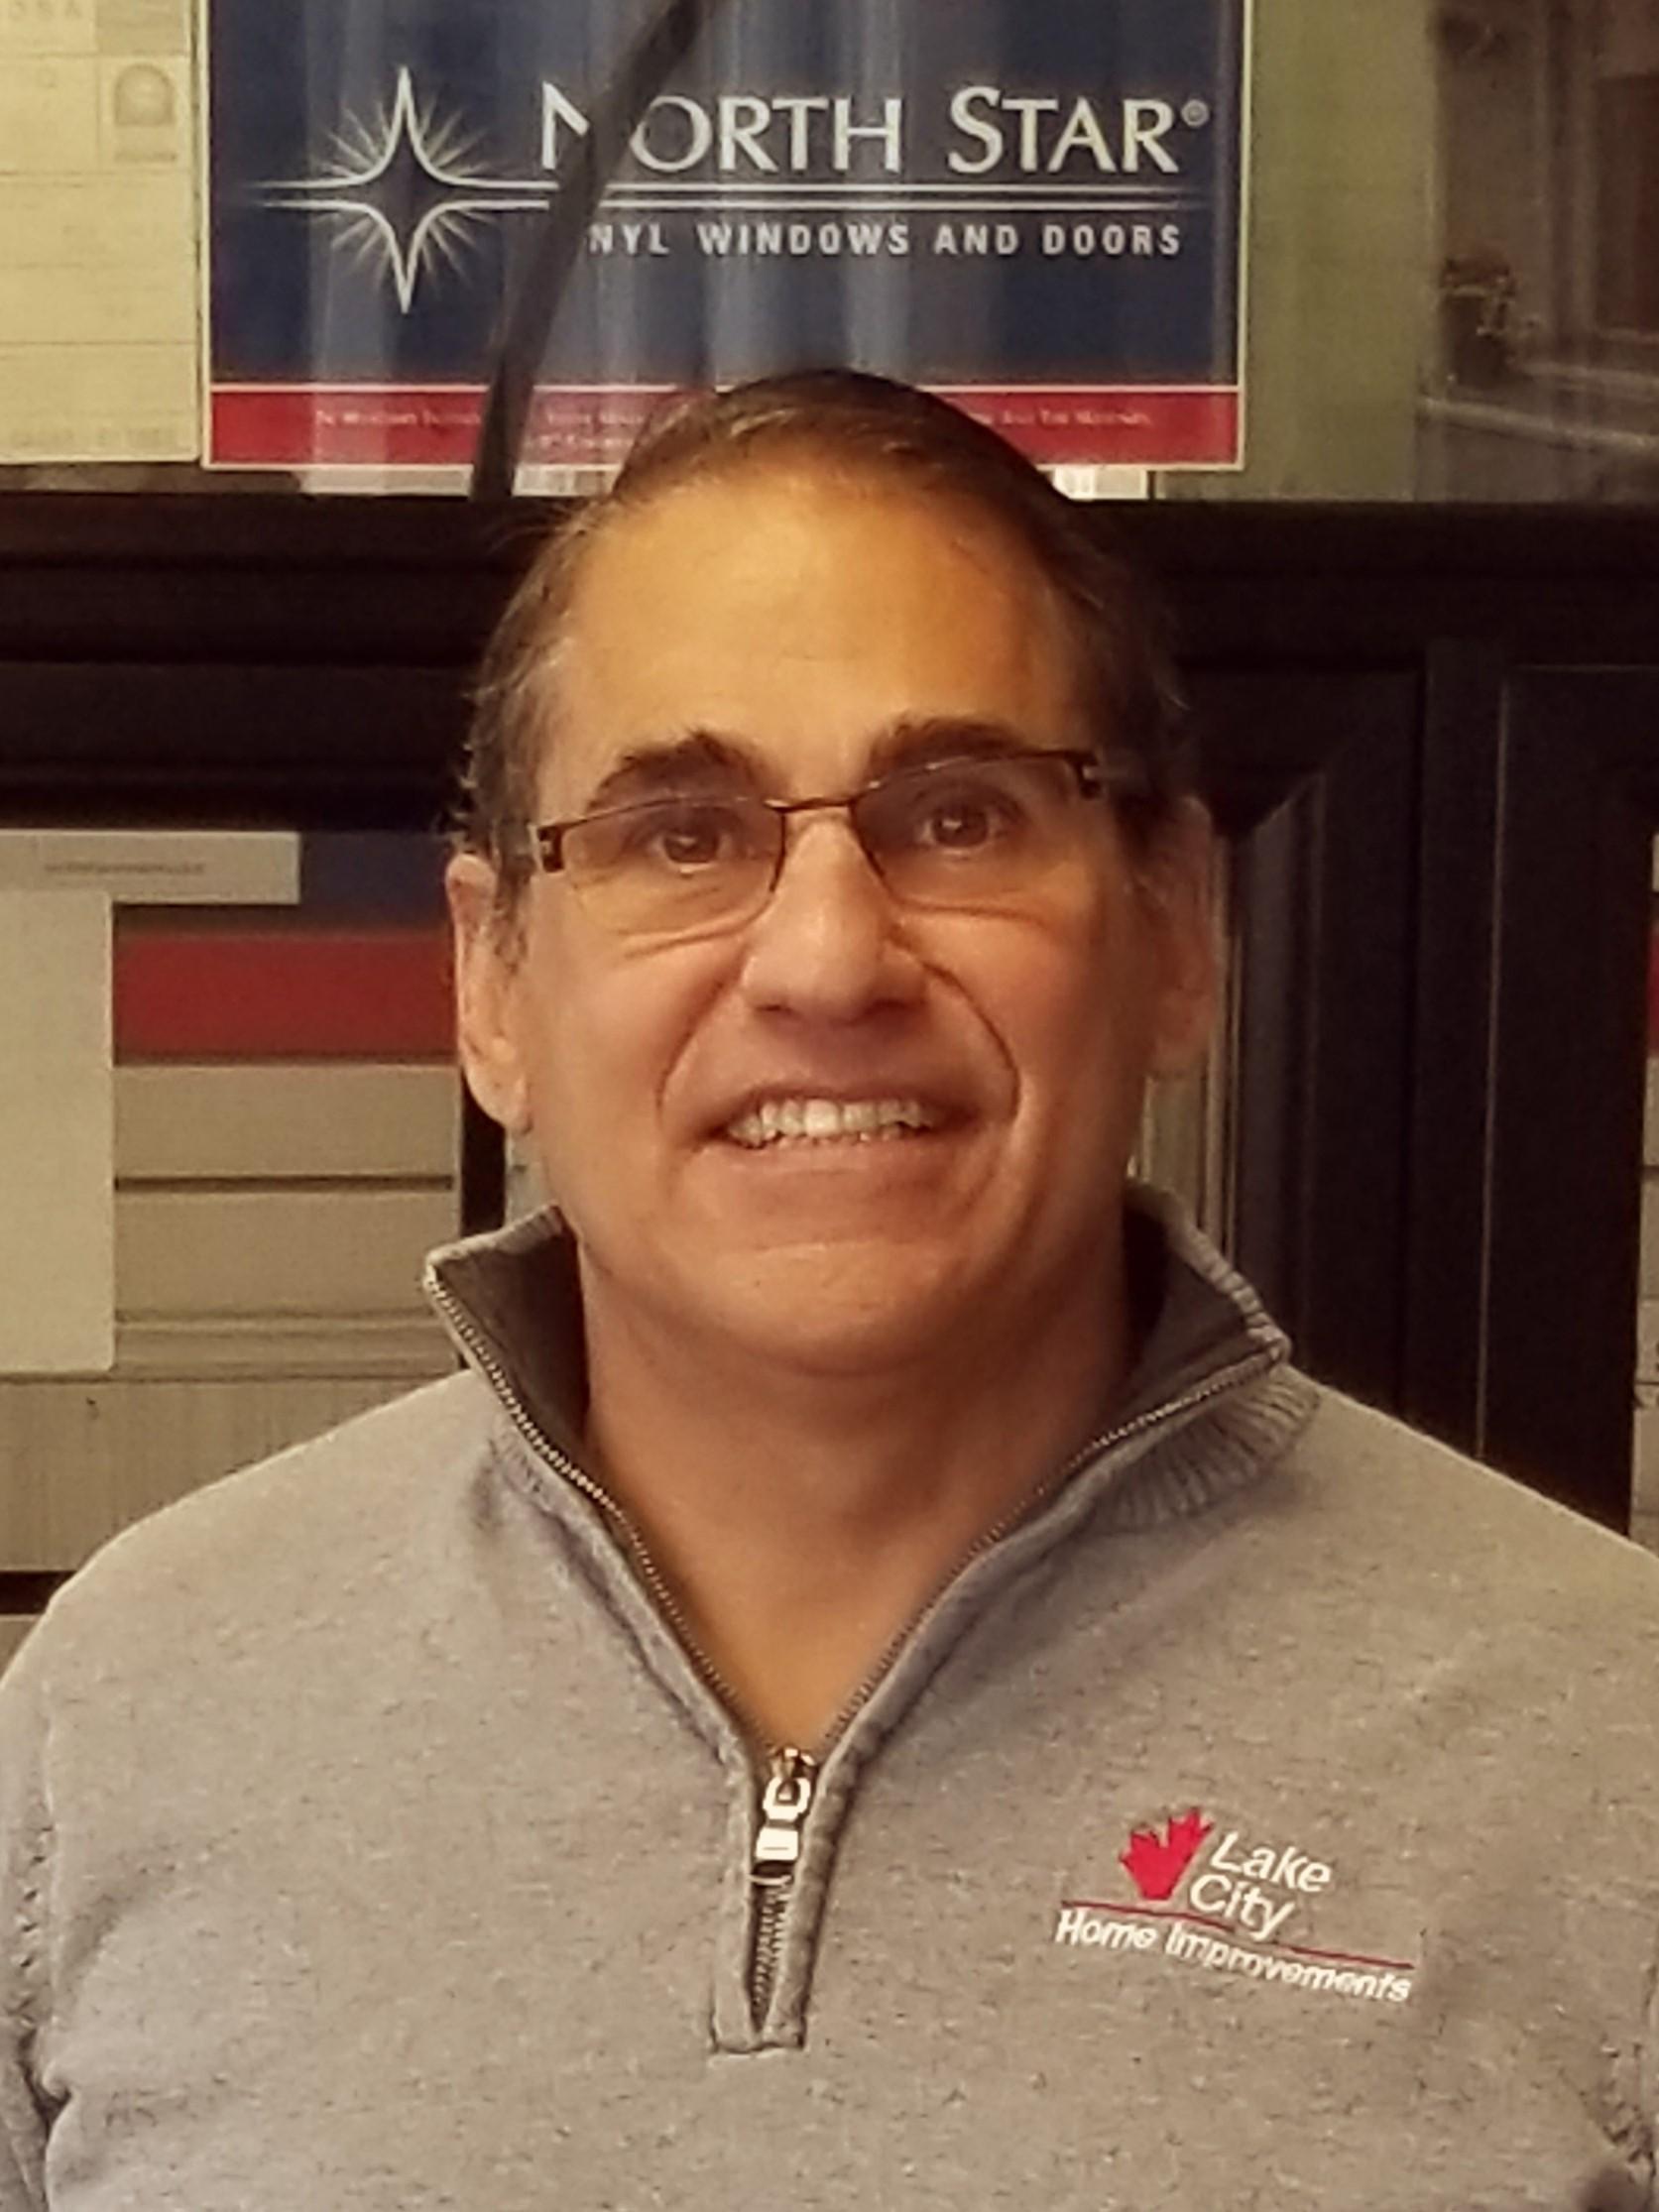 Ken Alexopoulos